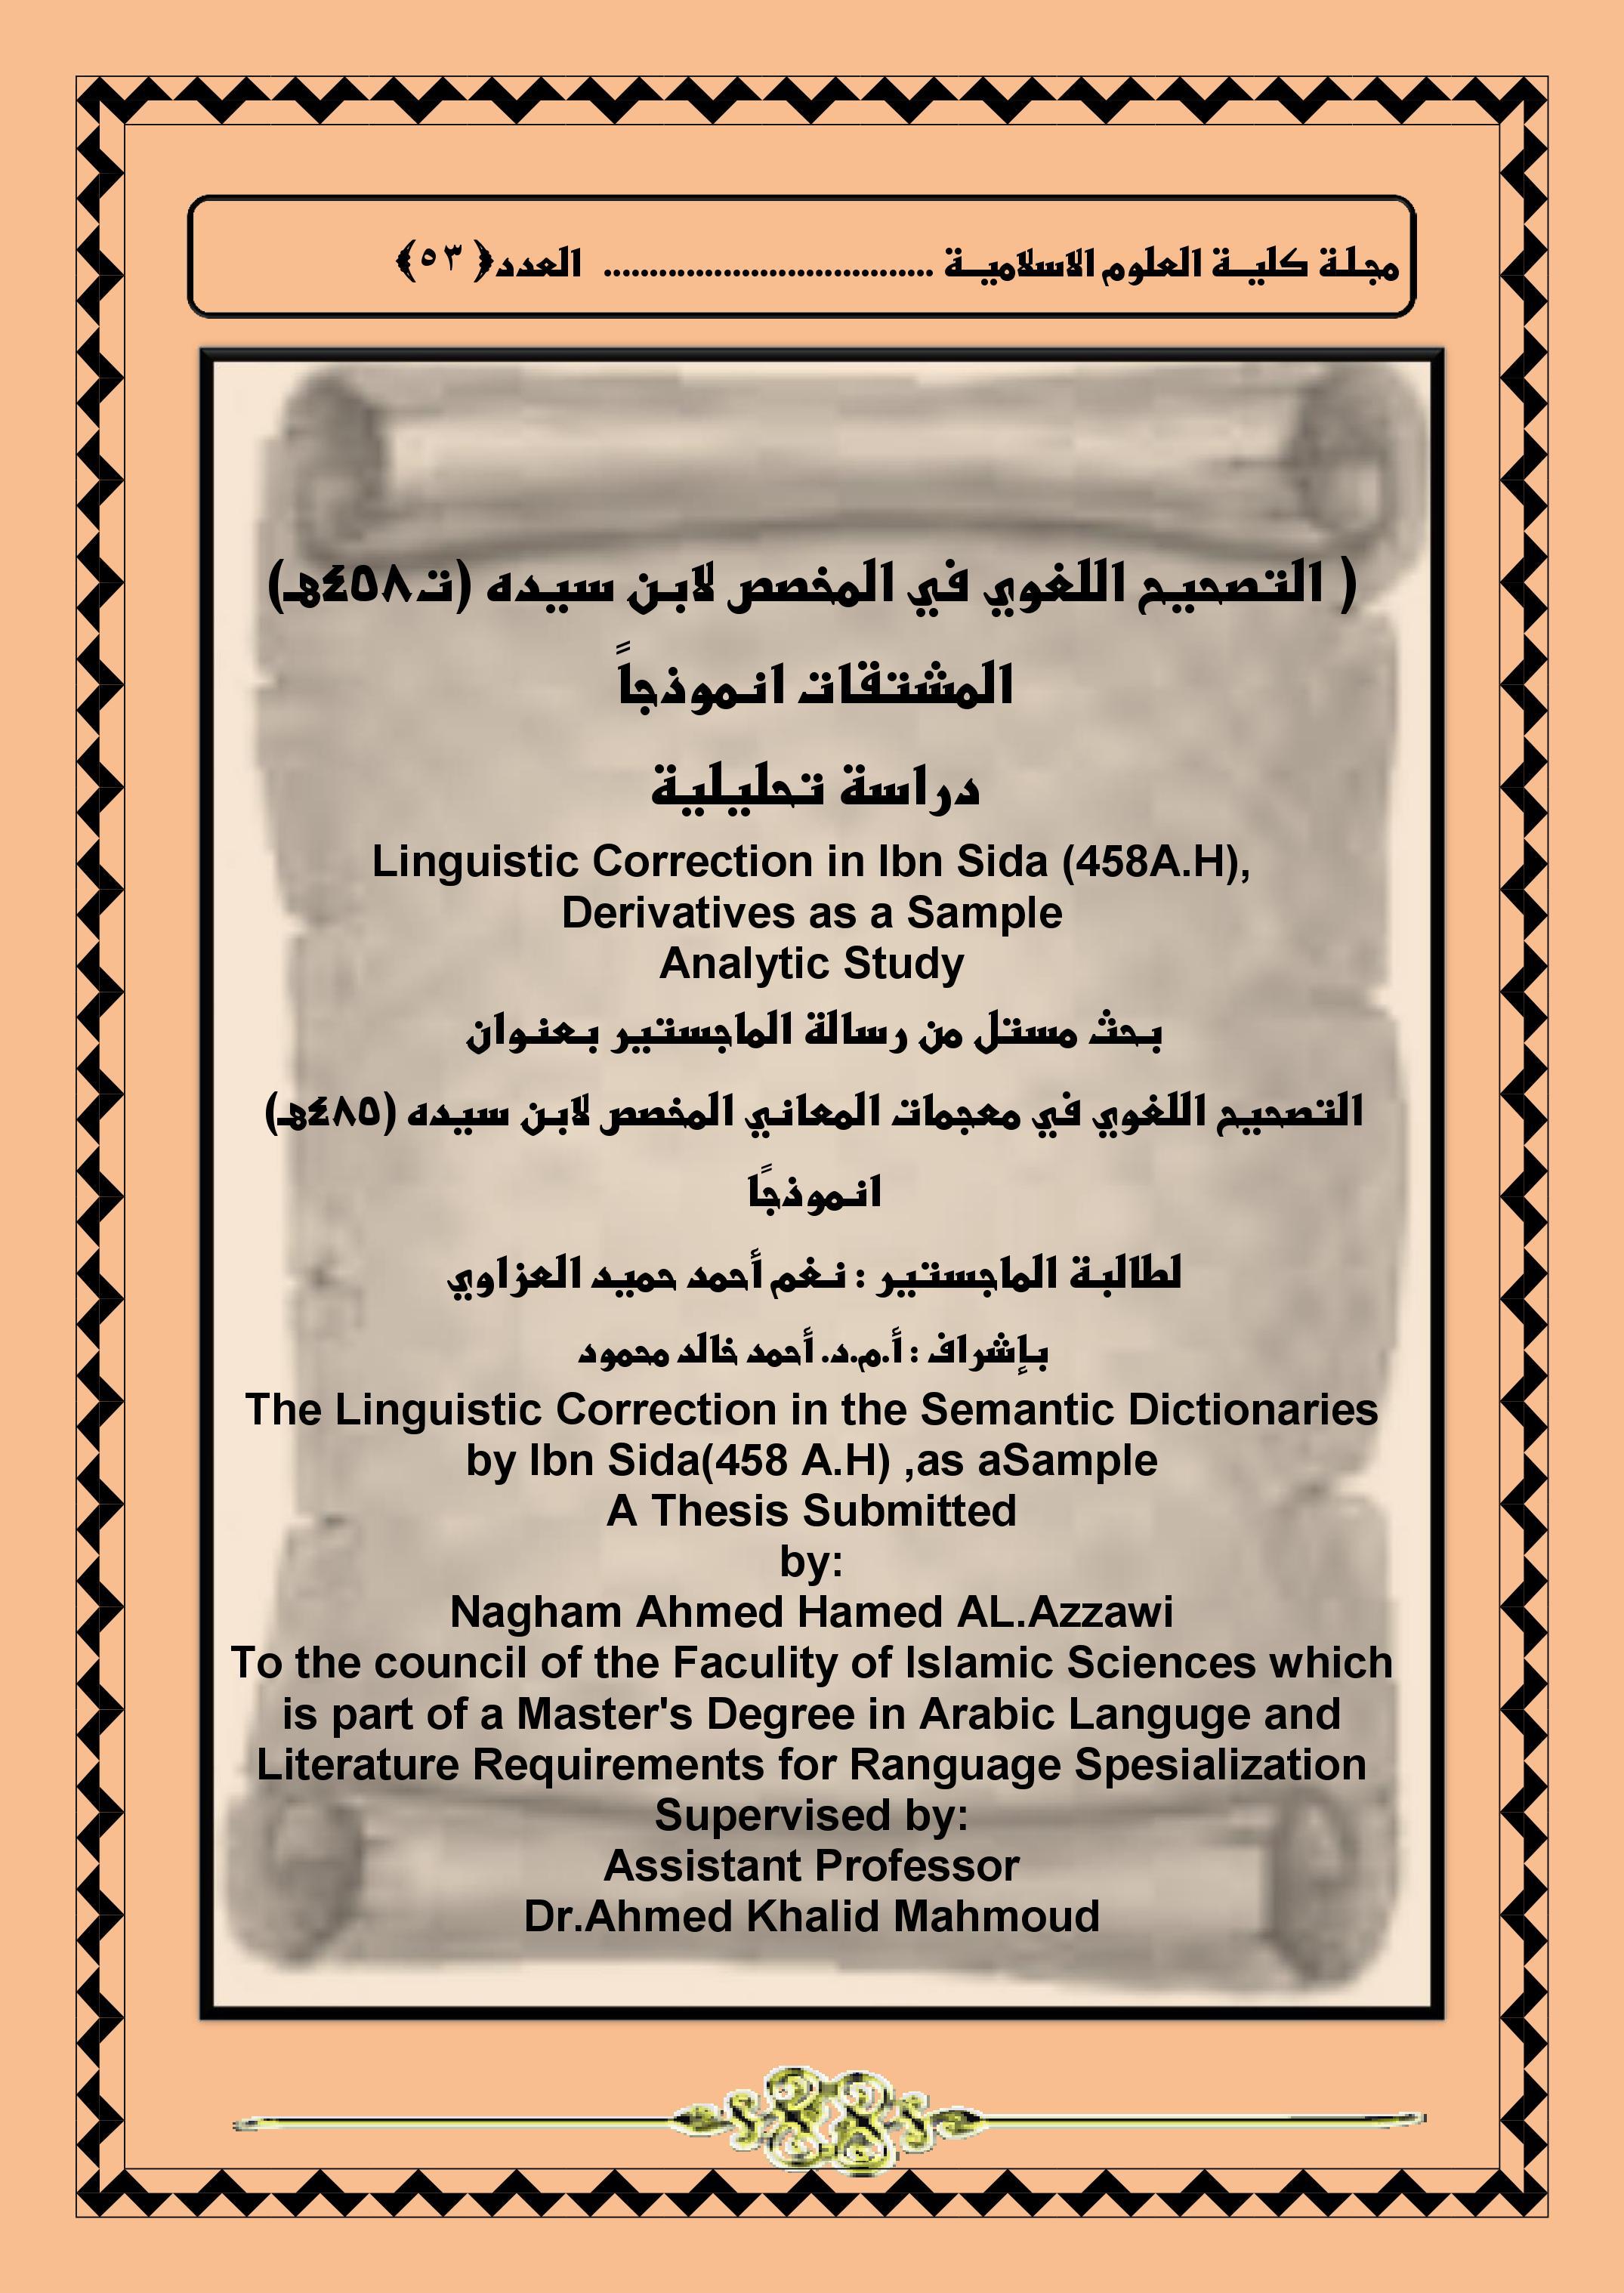 التصحيح اللغوي في المخصص لابن سيده (ت458هـ) ) المشتقات انموذجاً دراسة تحليلية